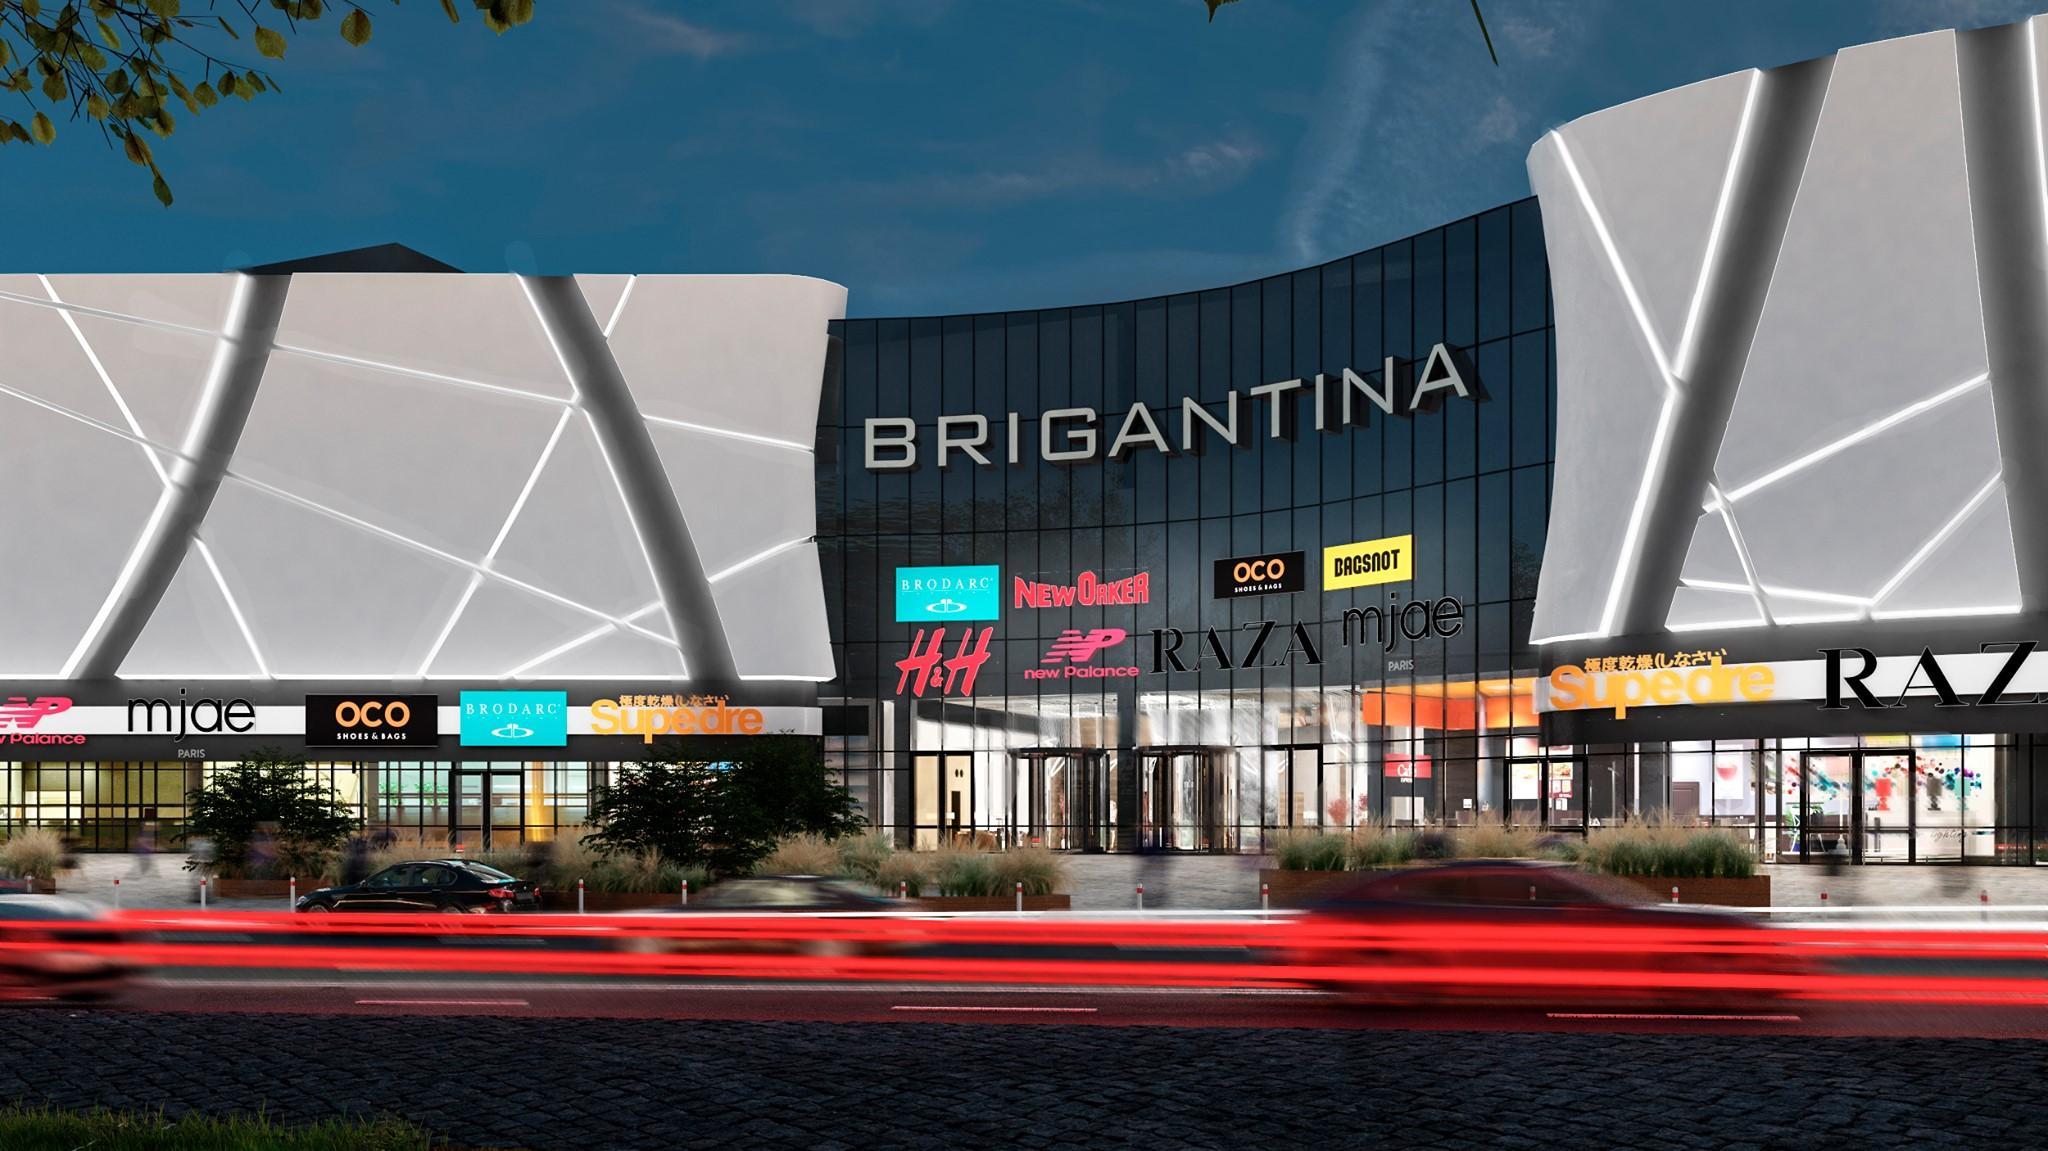 Дизайнери показали концепцію торгового центру, який планують побудувати на Бригантині (Фото)